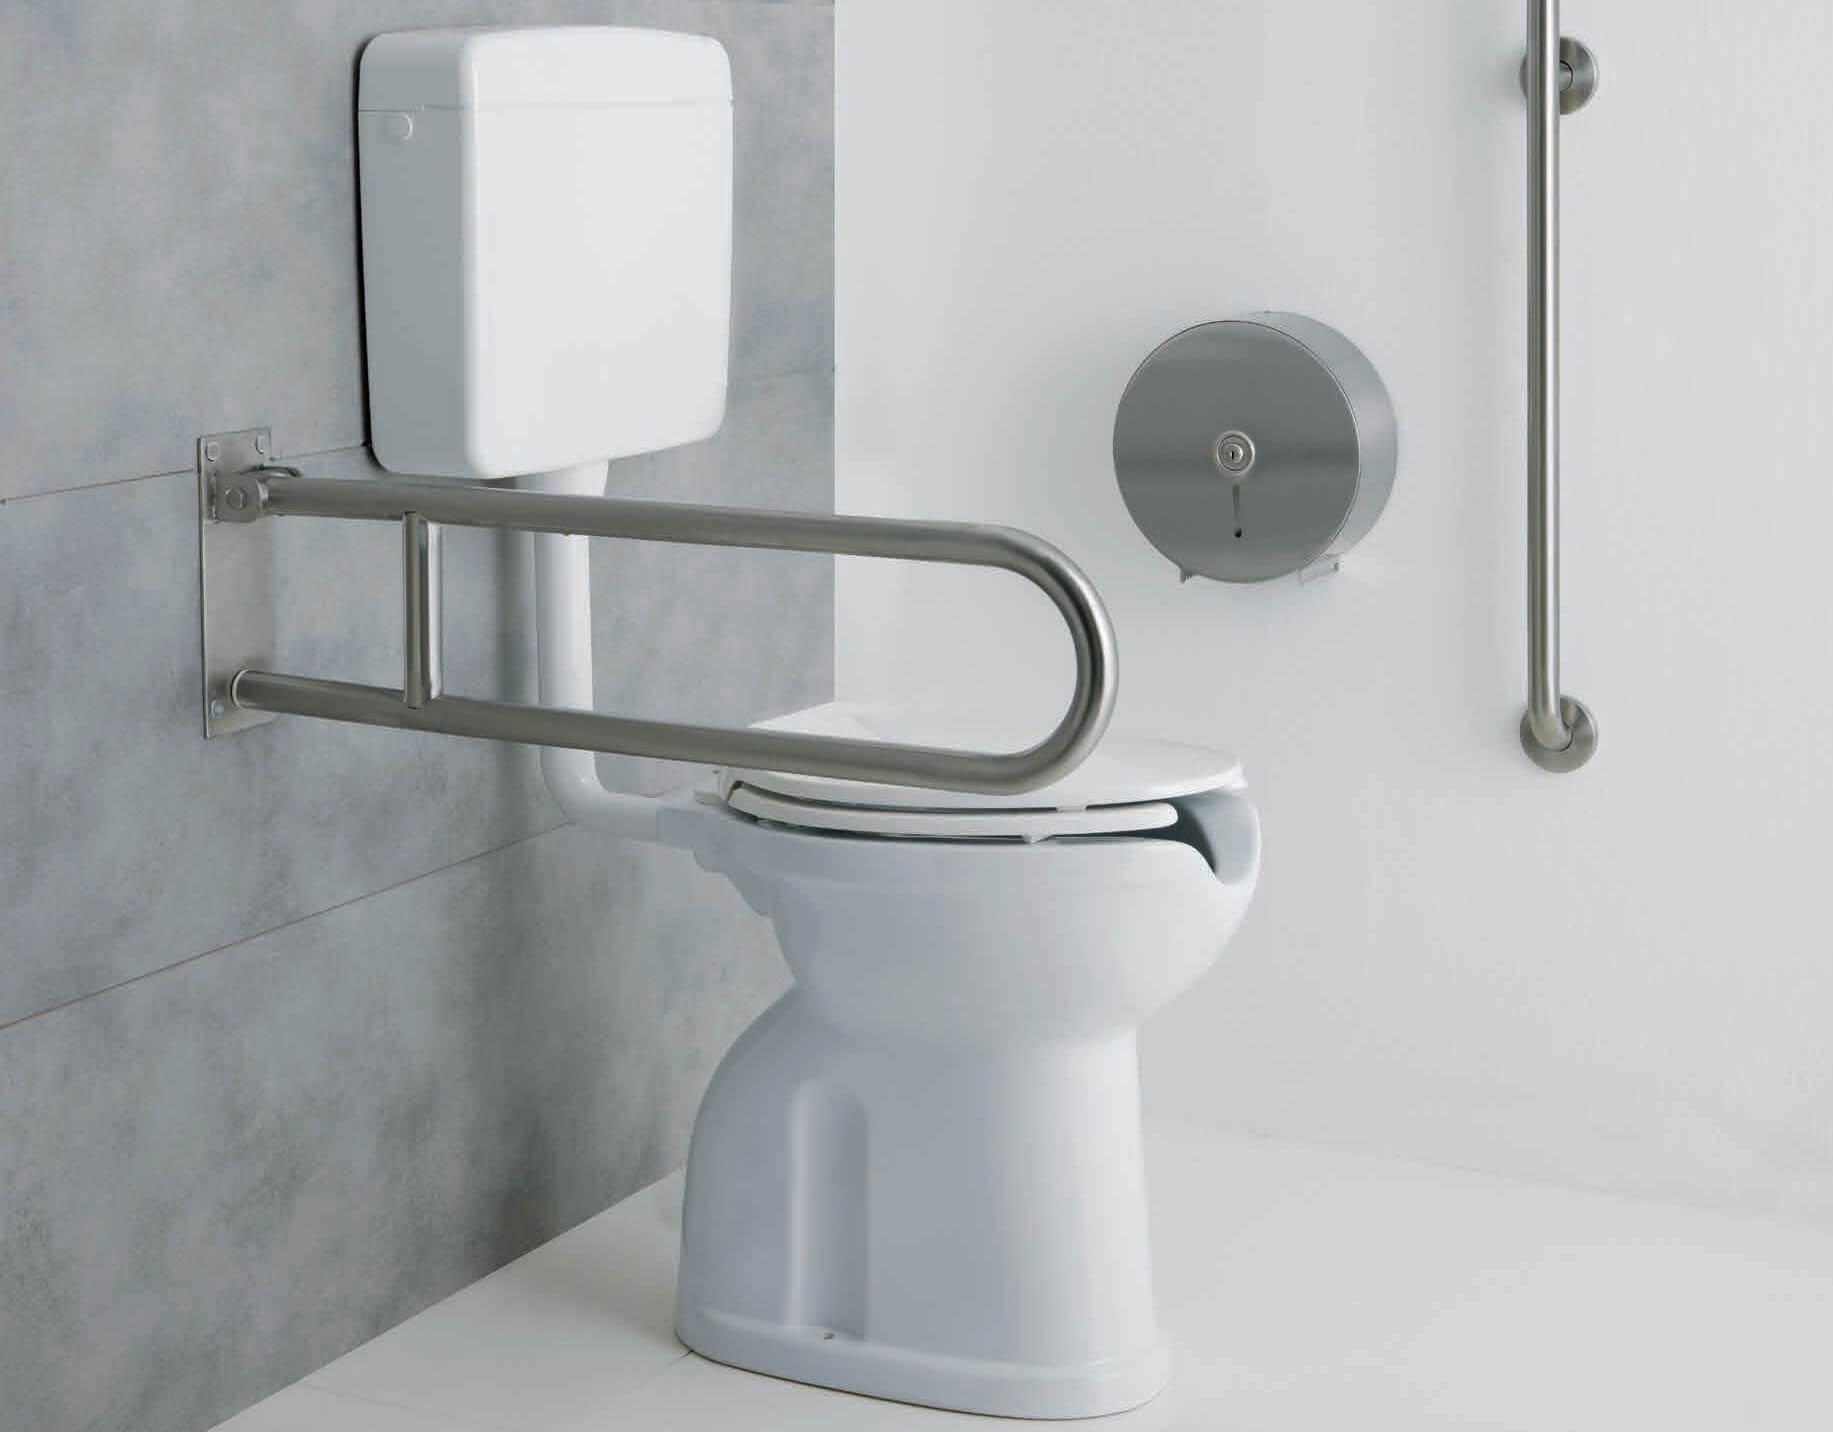 Hulpmiddelen Voor Het Toilet Thuisleefgids Nl Biedt Je Compleet Overzicht